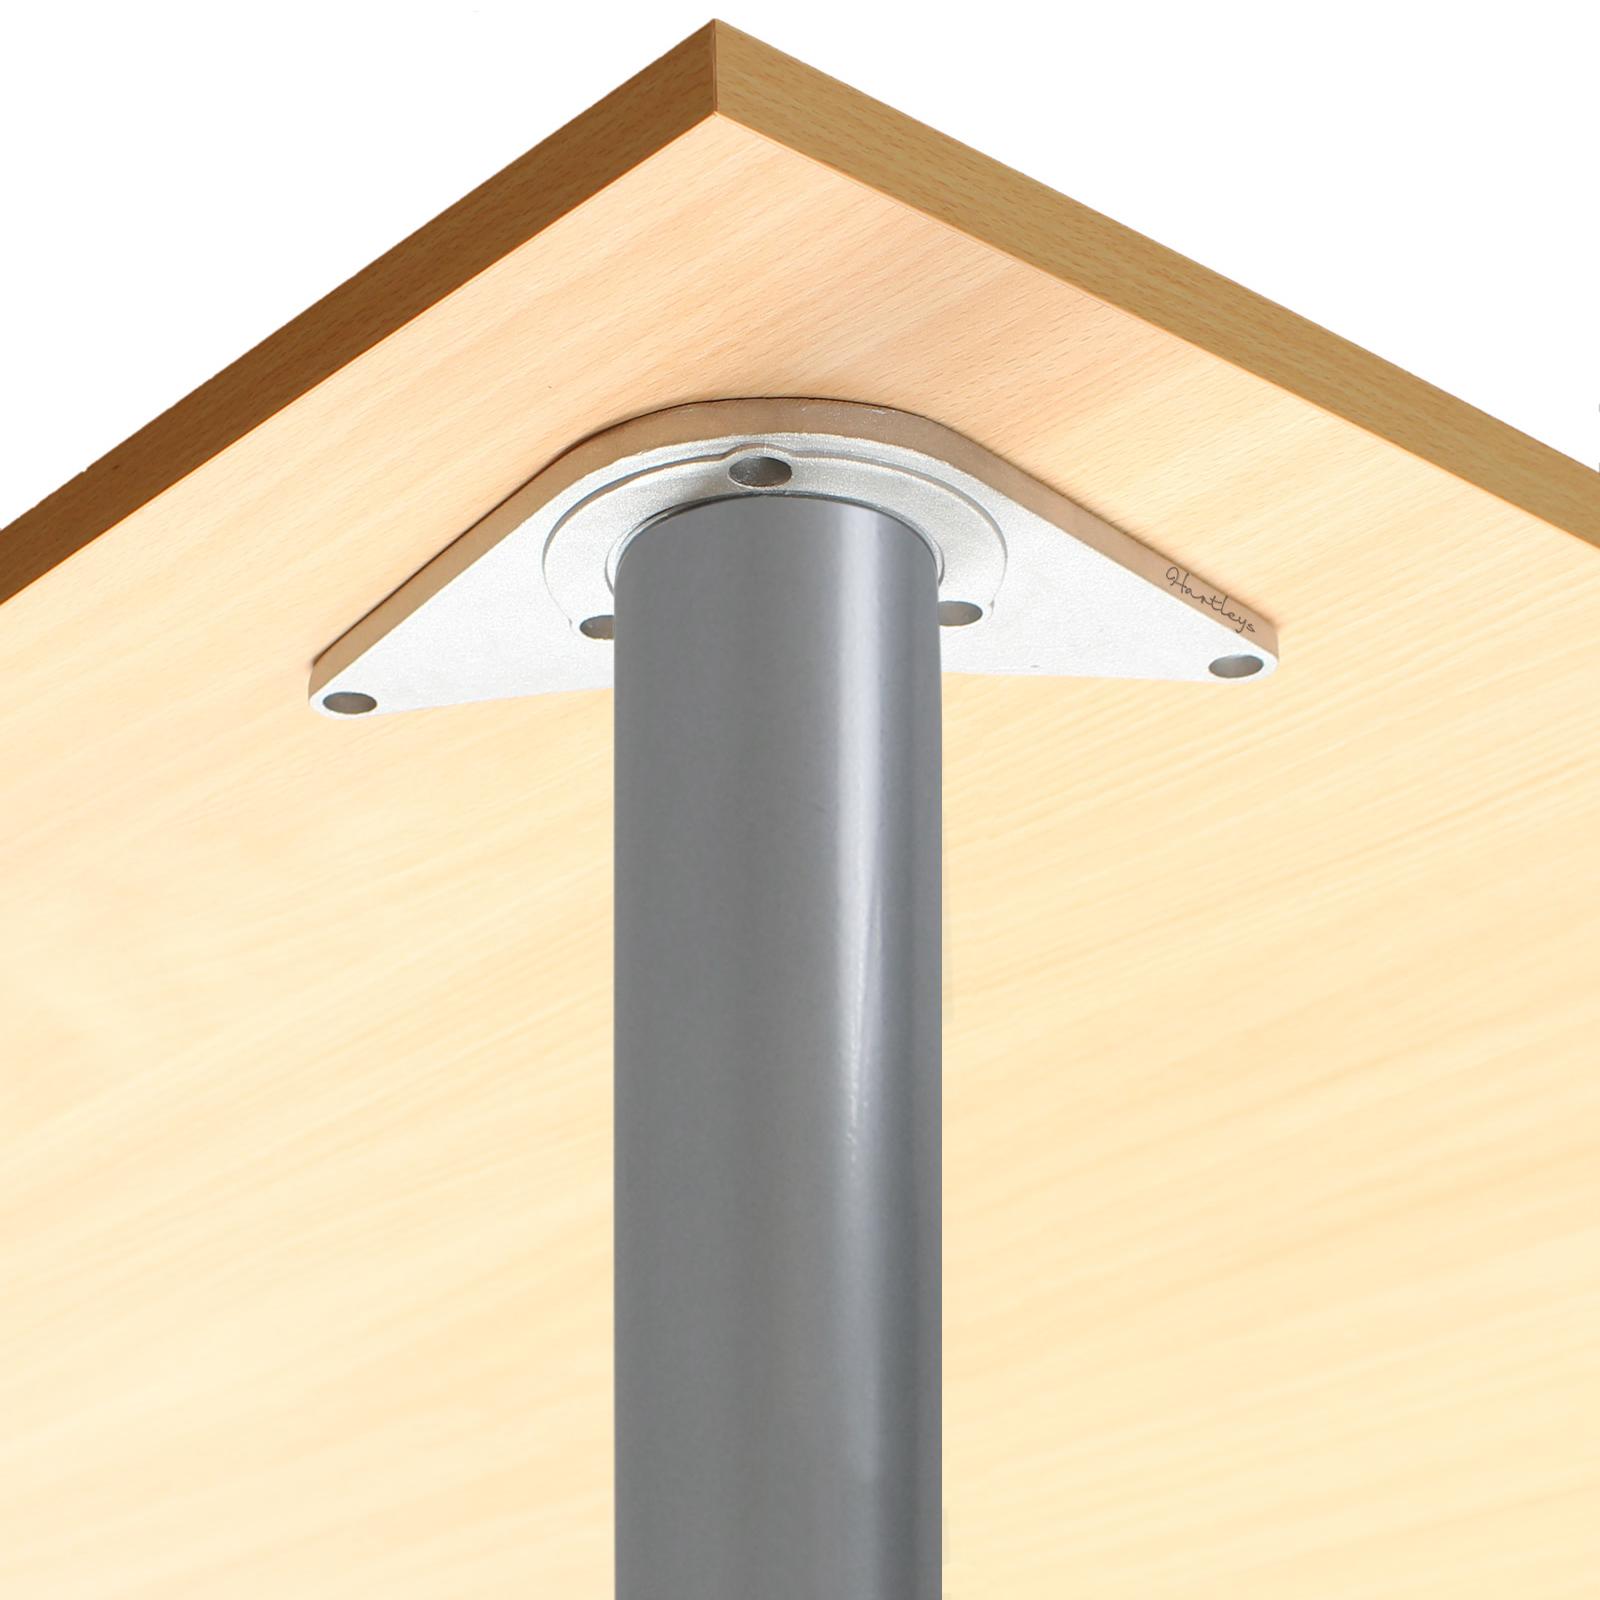 silber 890mm tischbein k chenarbeitsplatte fr hst cksbar insel tischst nder ebay. Black Bedroom Furniture Sets. Home Design Ideas